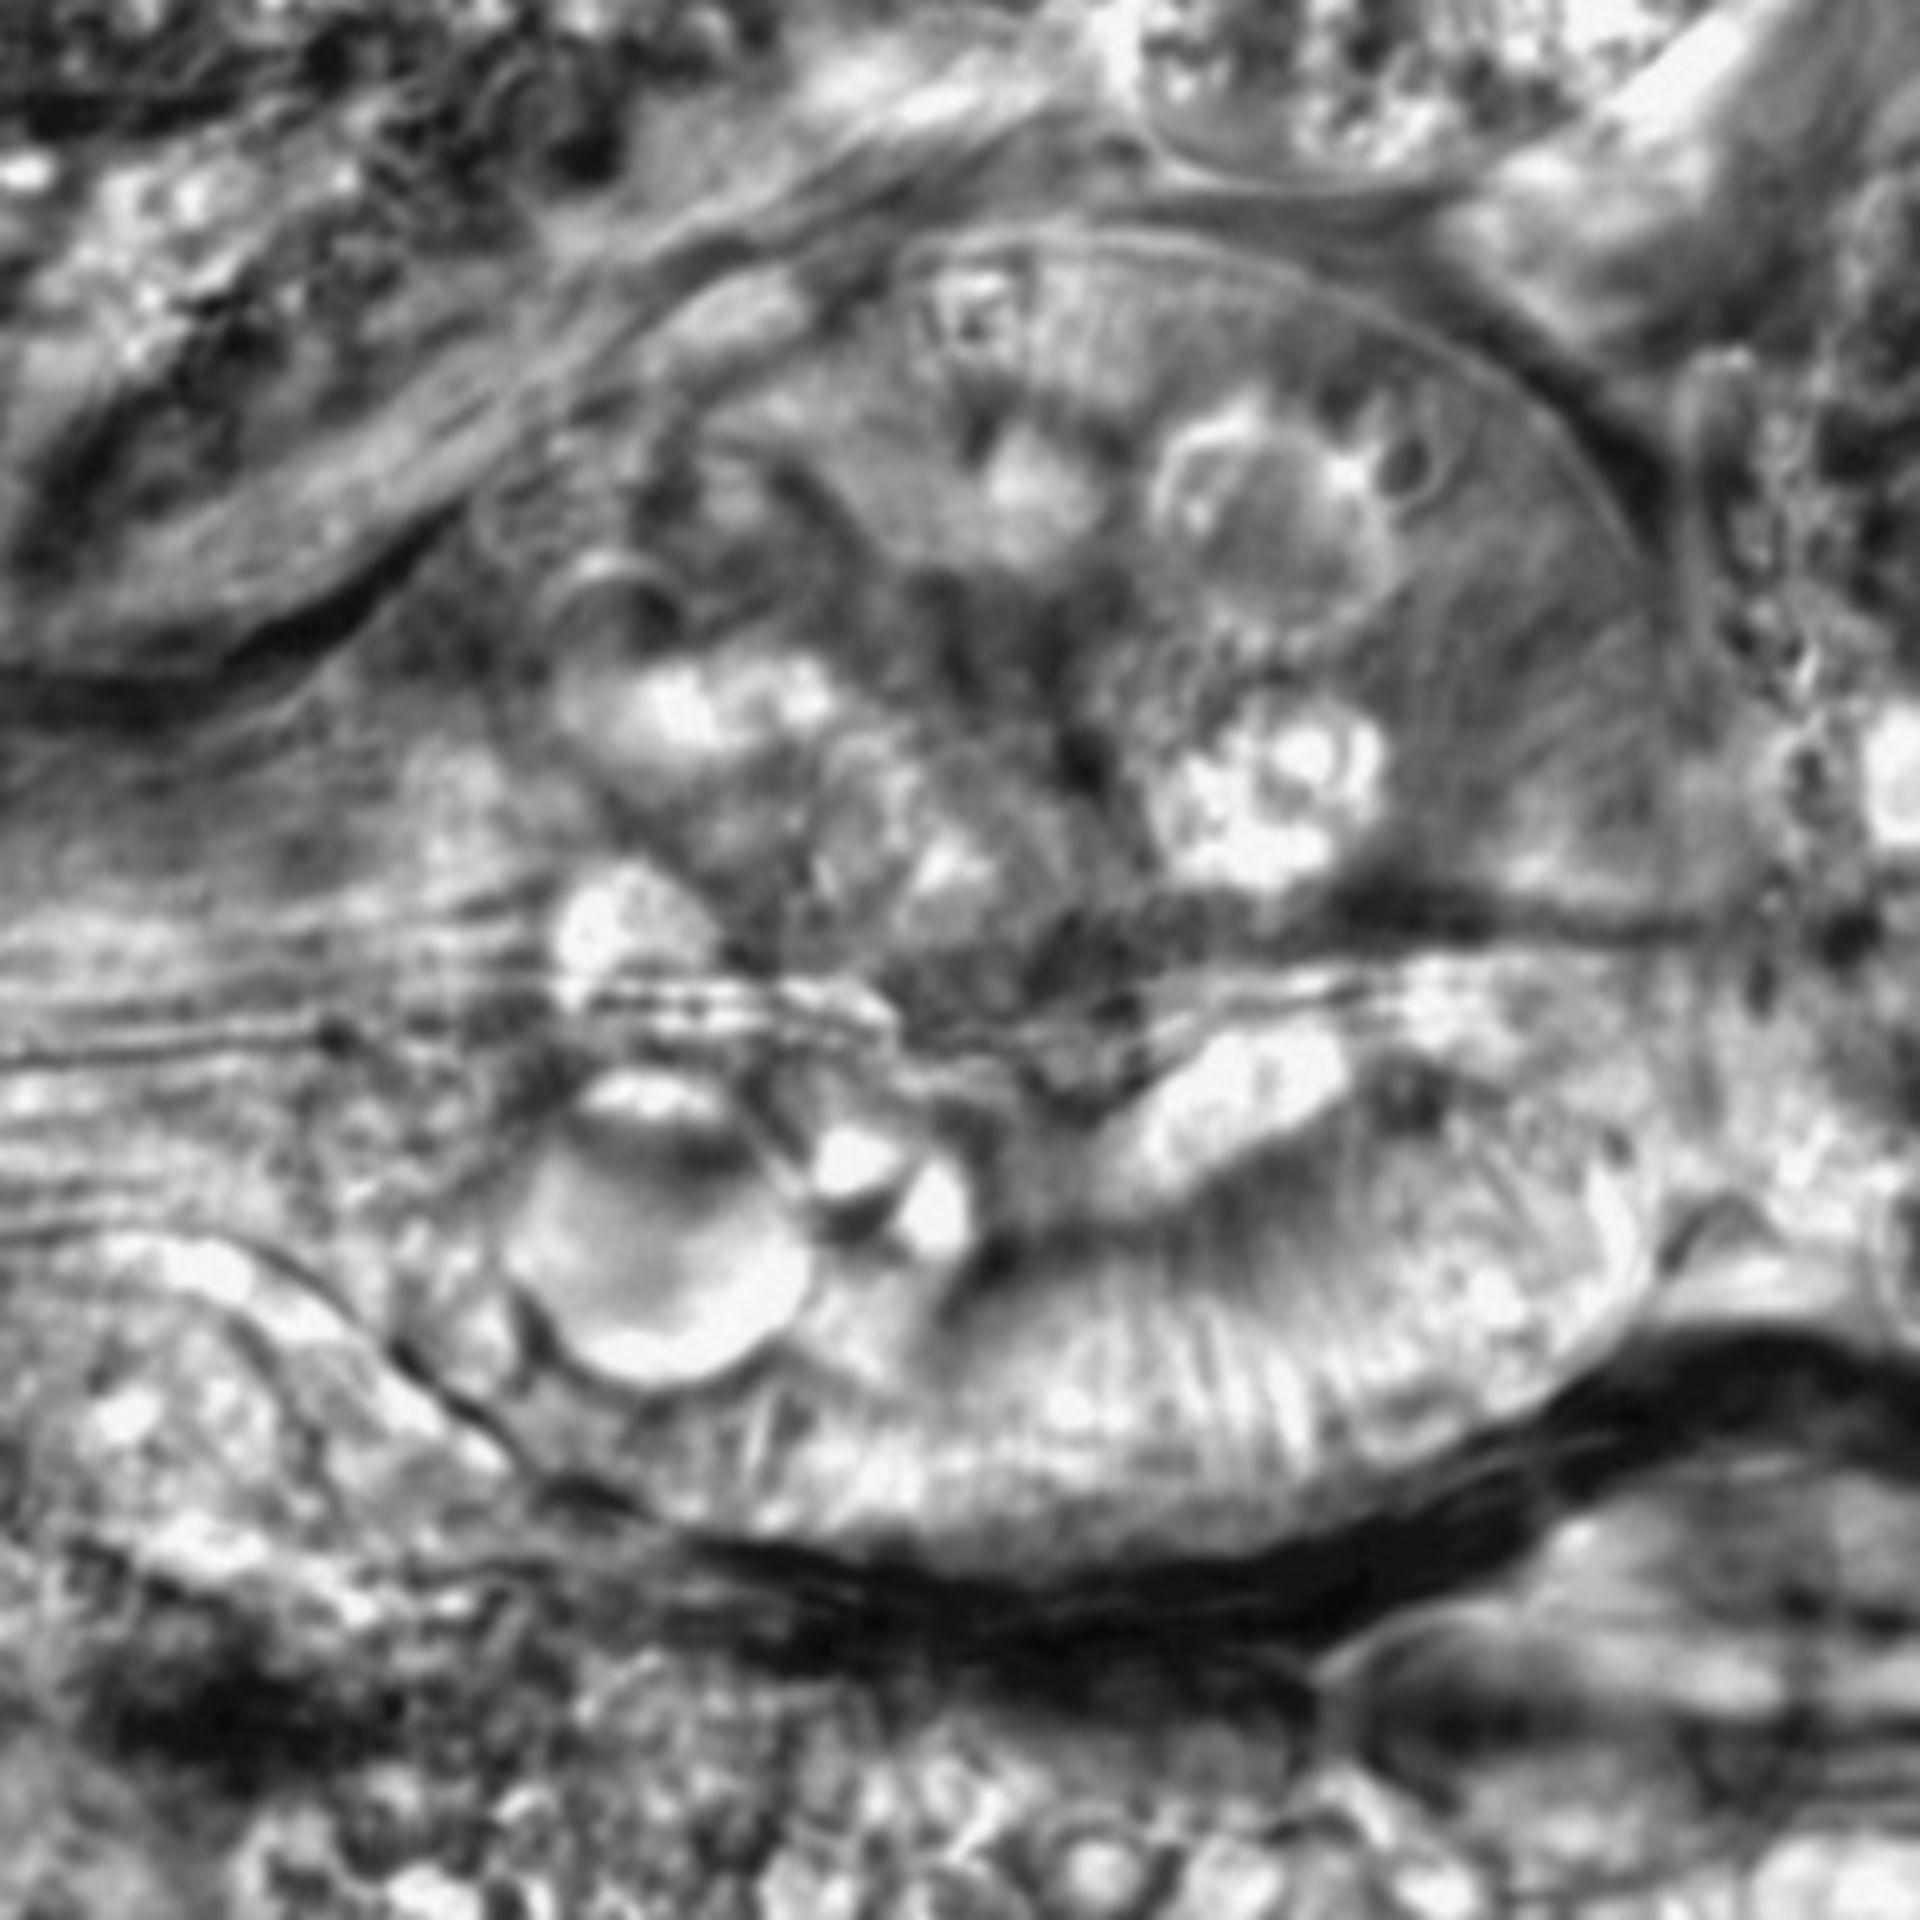 Caenorhabditis elegans - CIL:2716